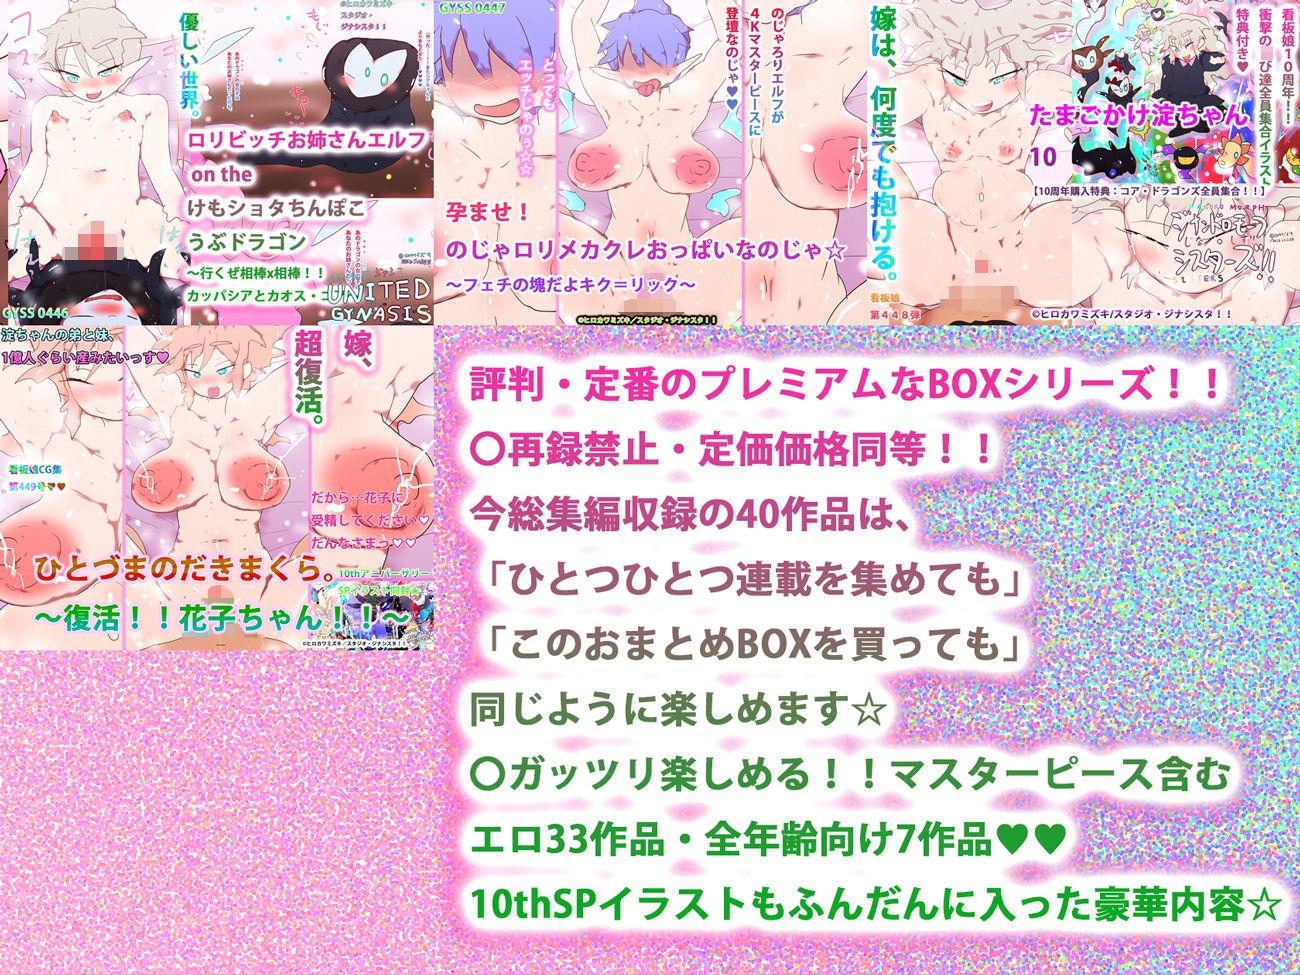 【総集編】ジナンドロモーフ・シスターズ 10th Anniversary ボックス